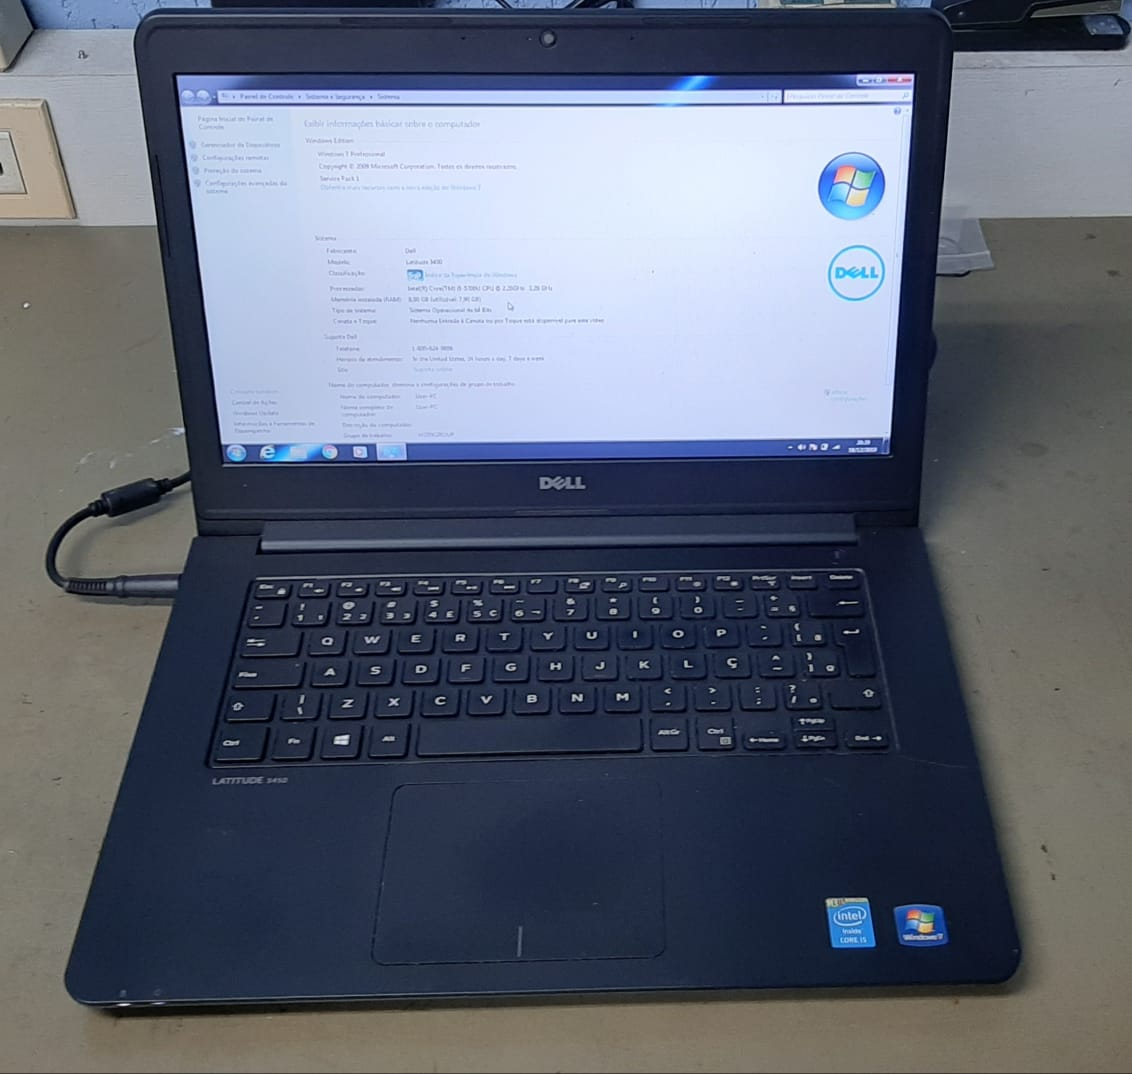 NOTEBOOK DELL LATITUDE 3450 CORE I5 8GB 1TB - USADO